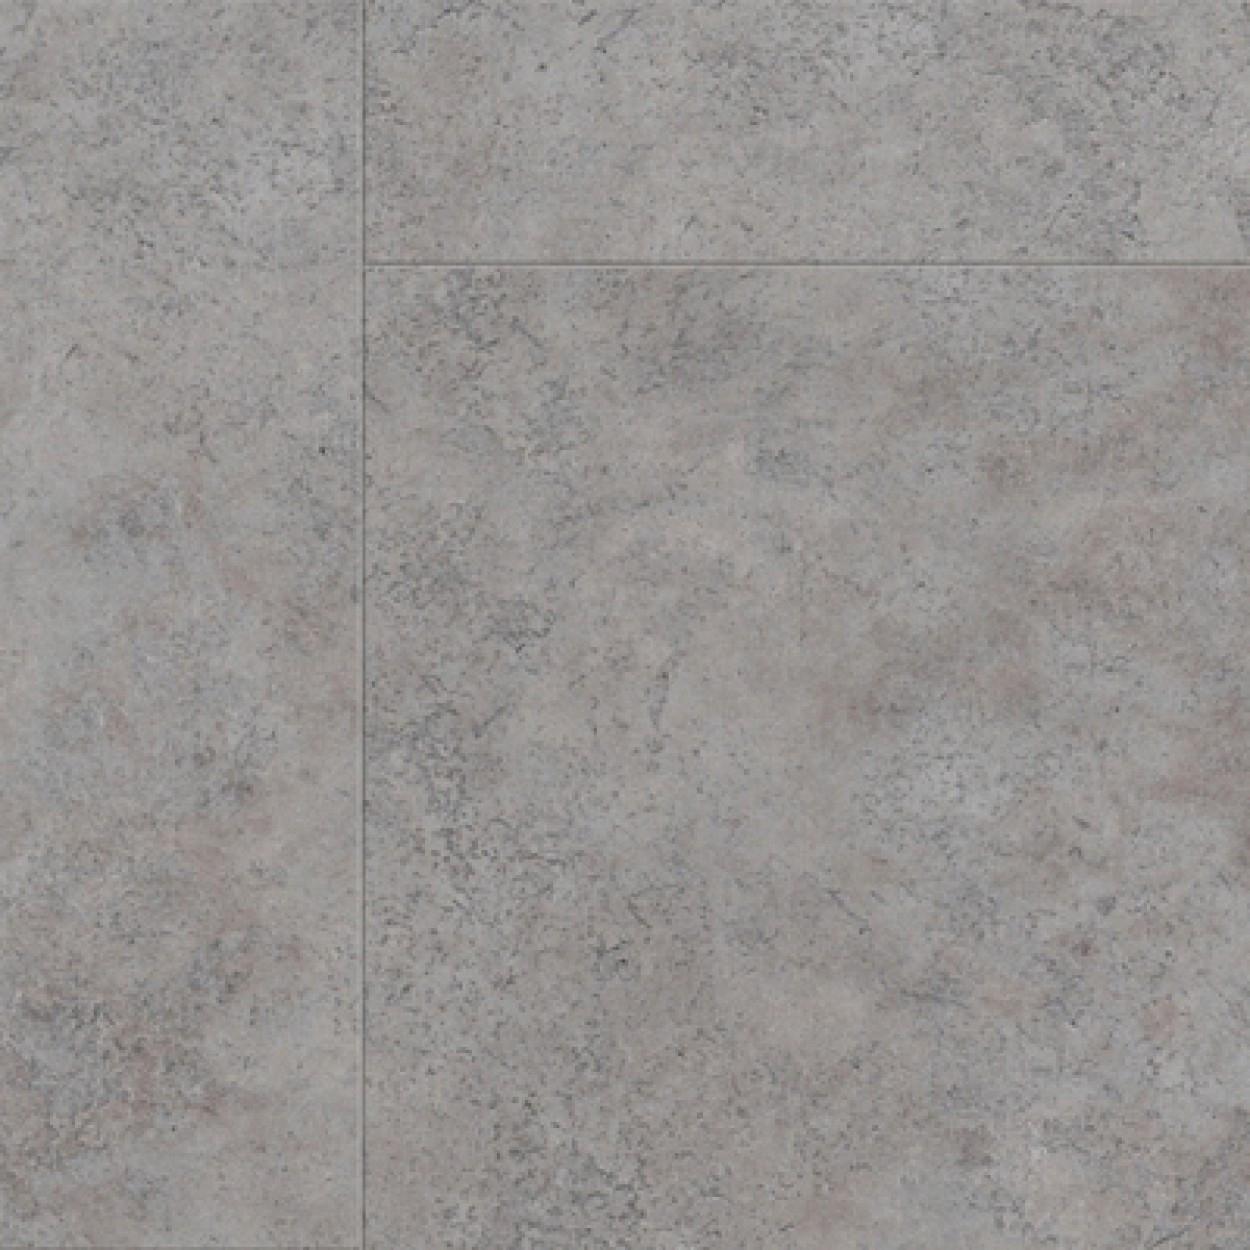 Papier Bulle Brico Dépot Inspirant Photos Rouleau Adhesif Meuble Brico Depot – Oveetech